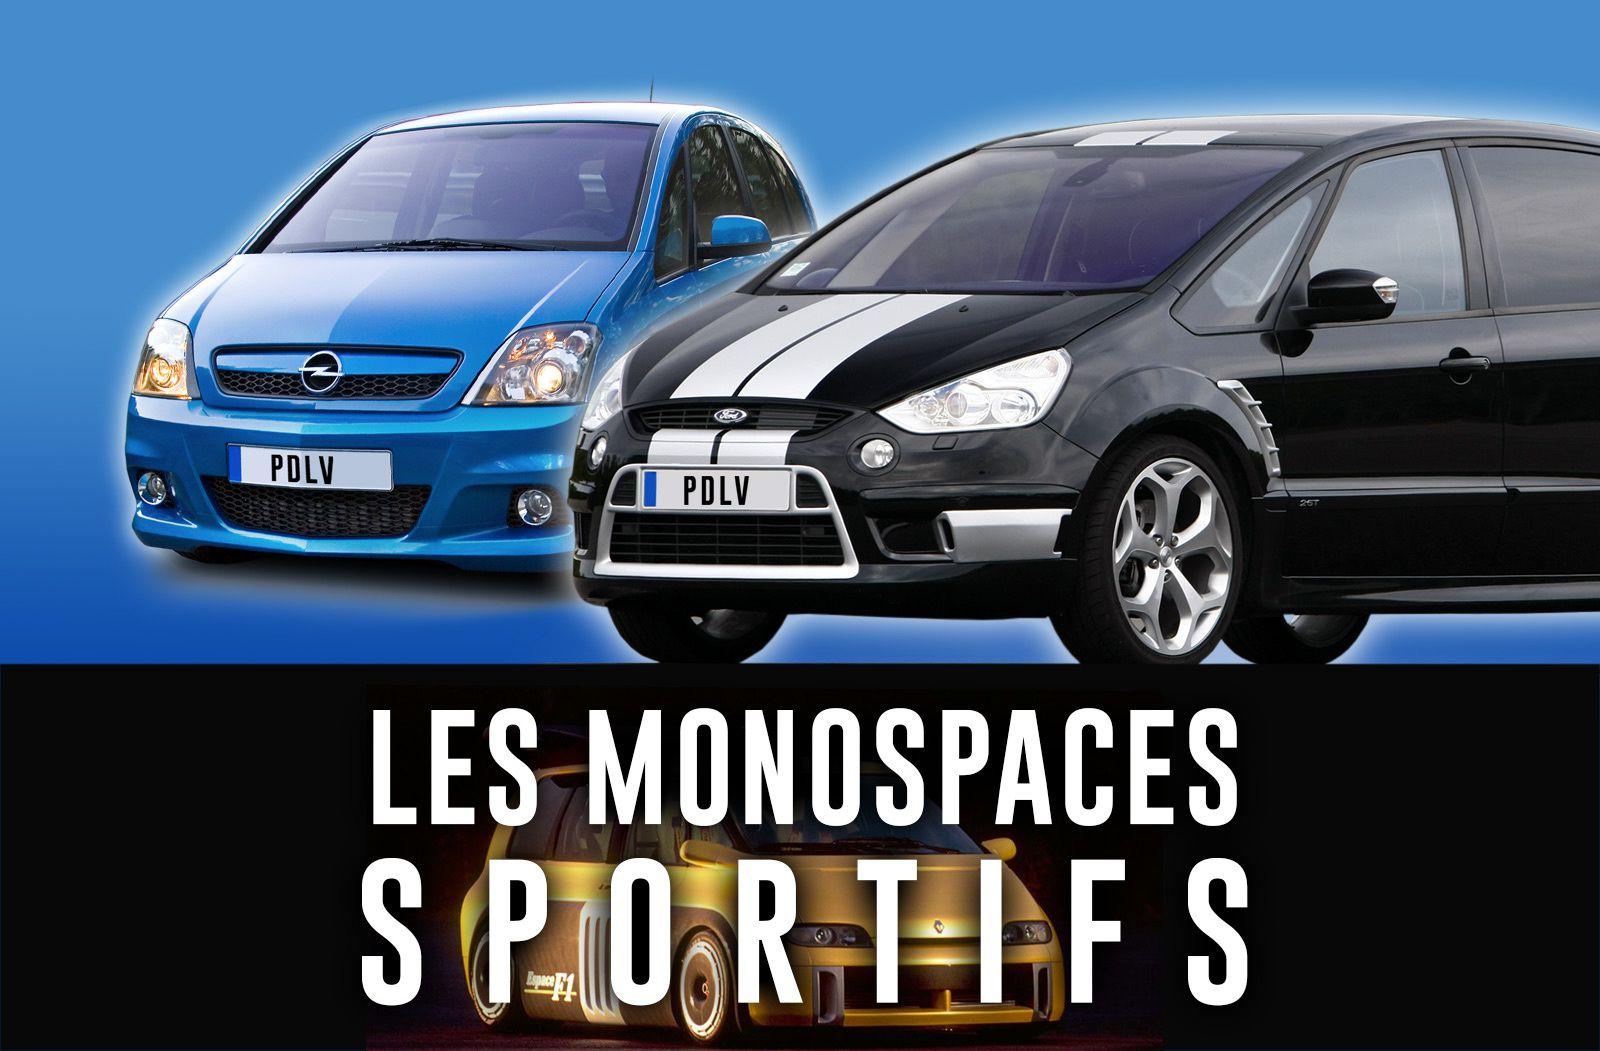 Rétrospective des monospaces sportifs